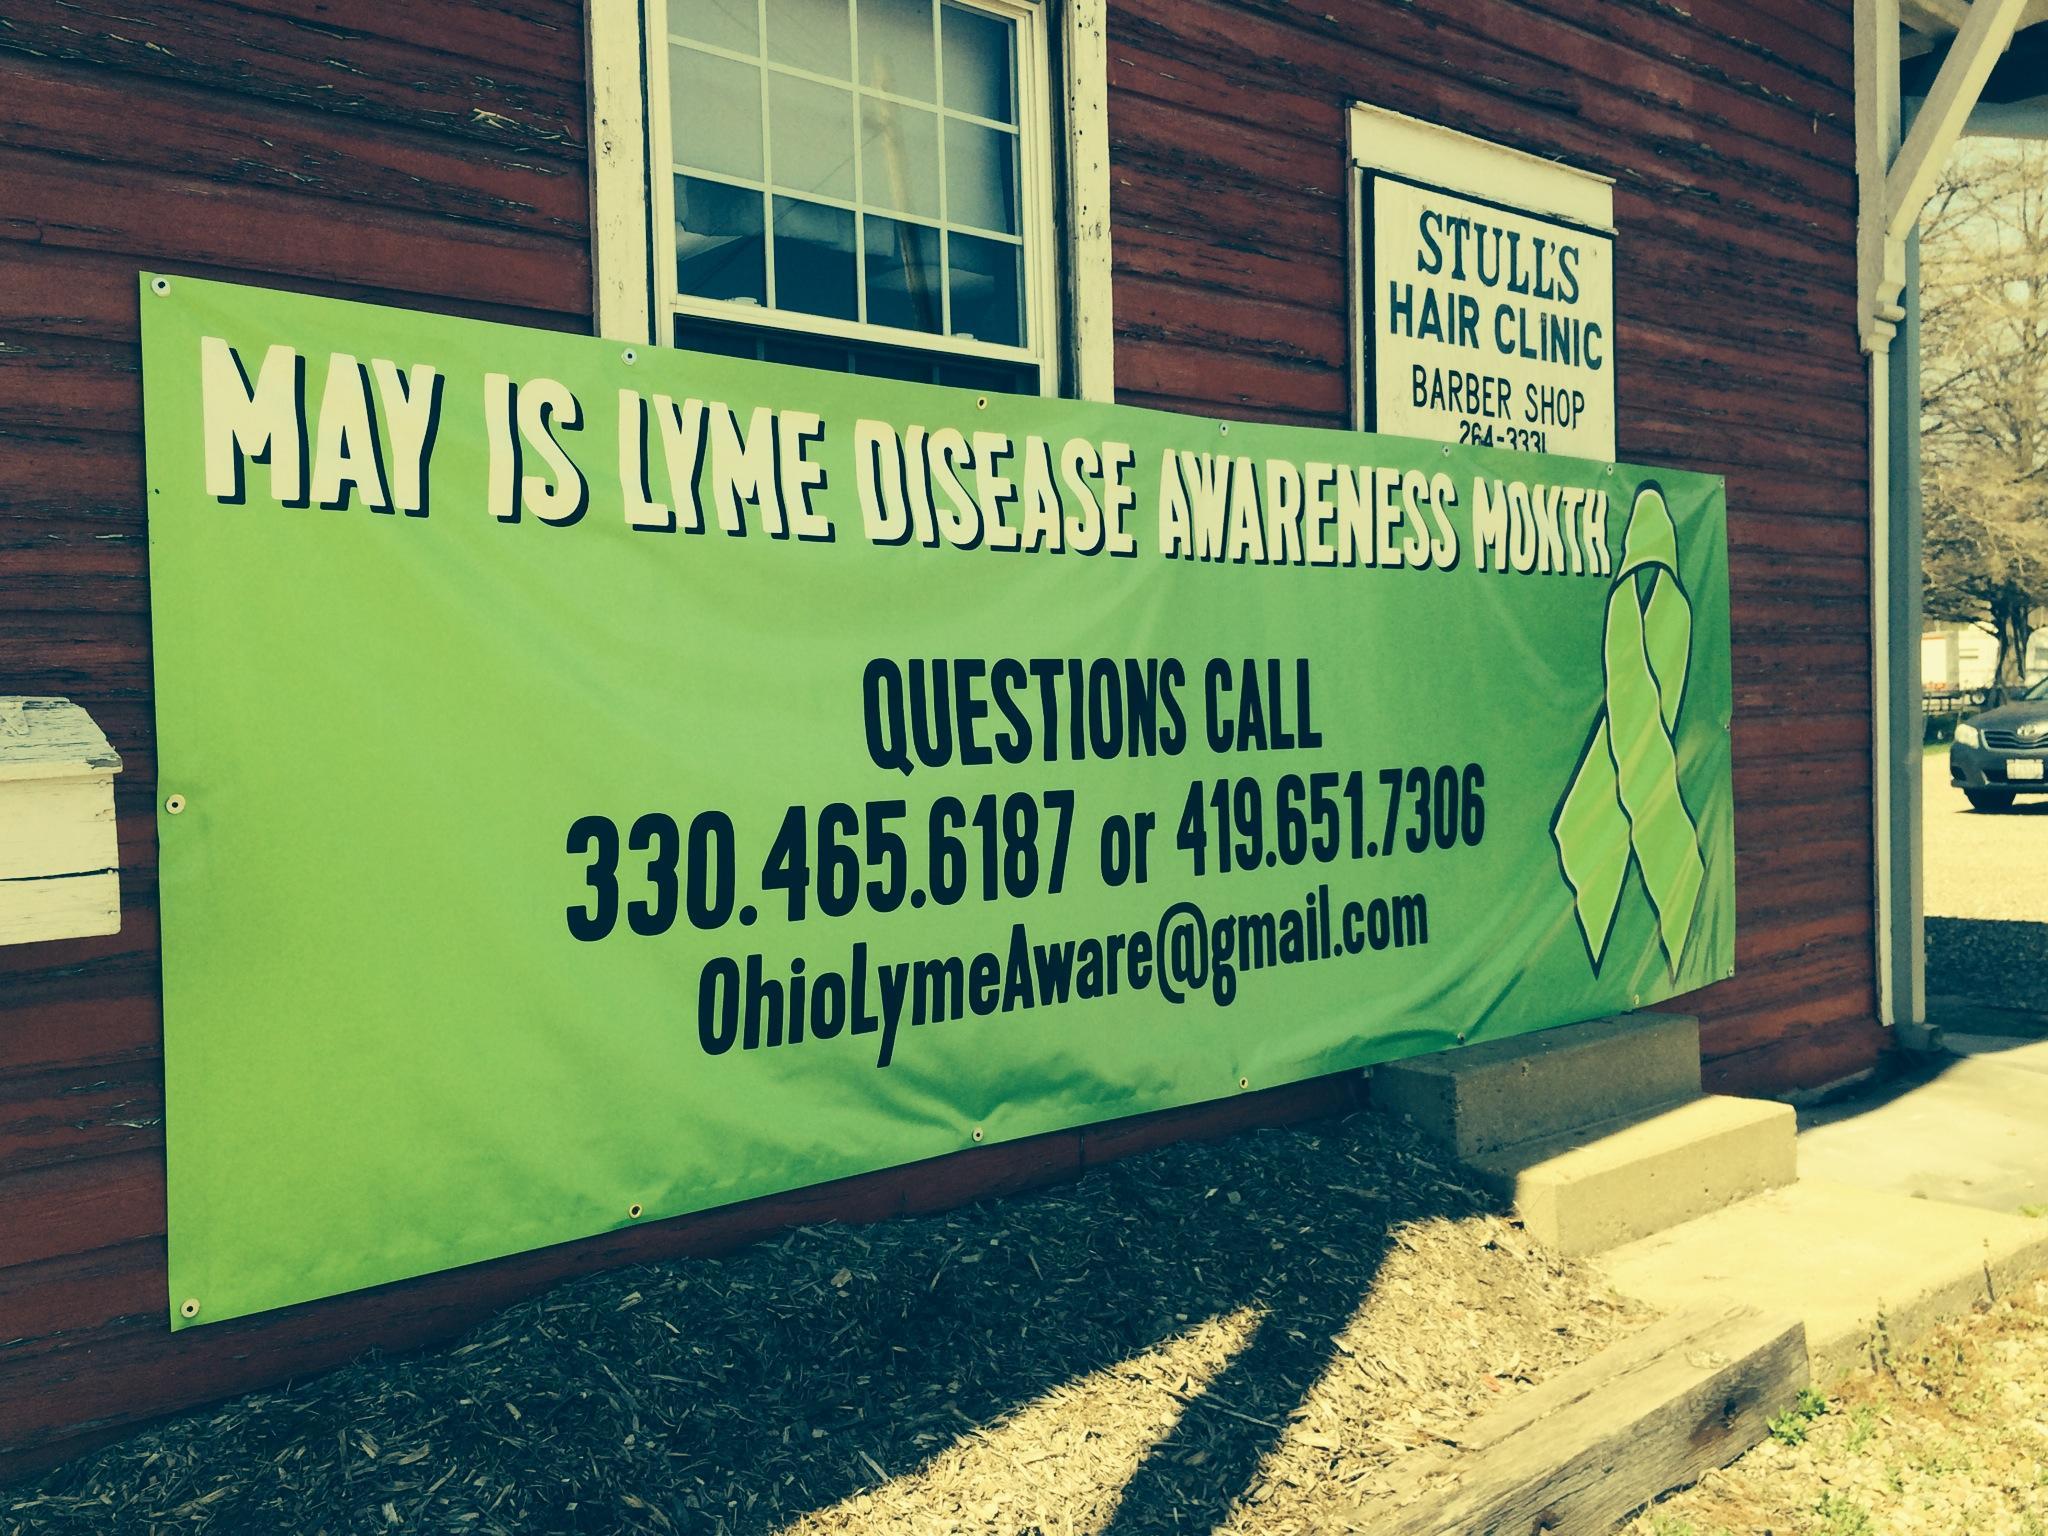 Ohio Lyme